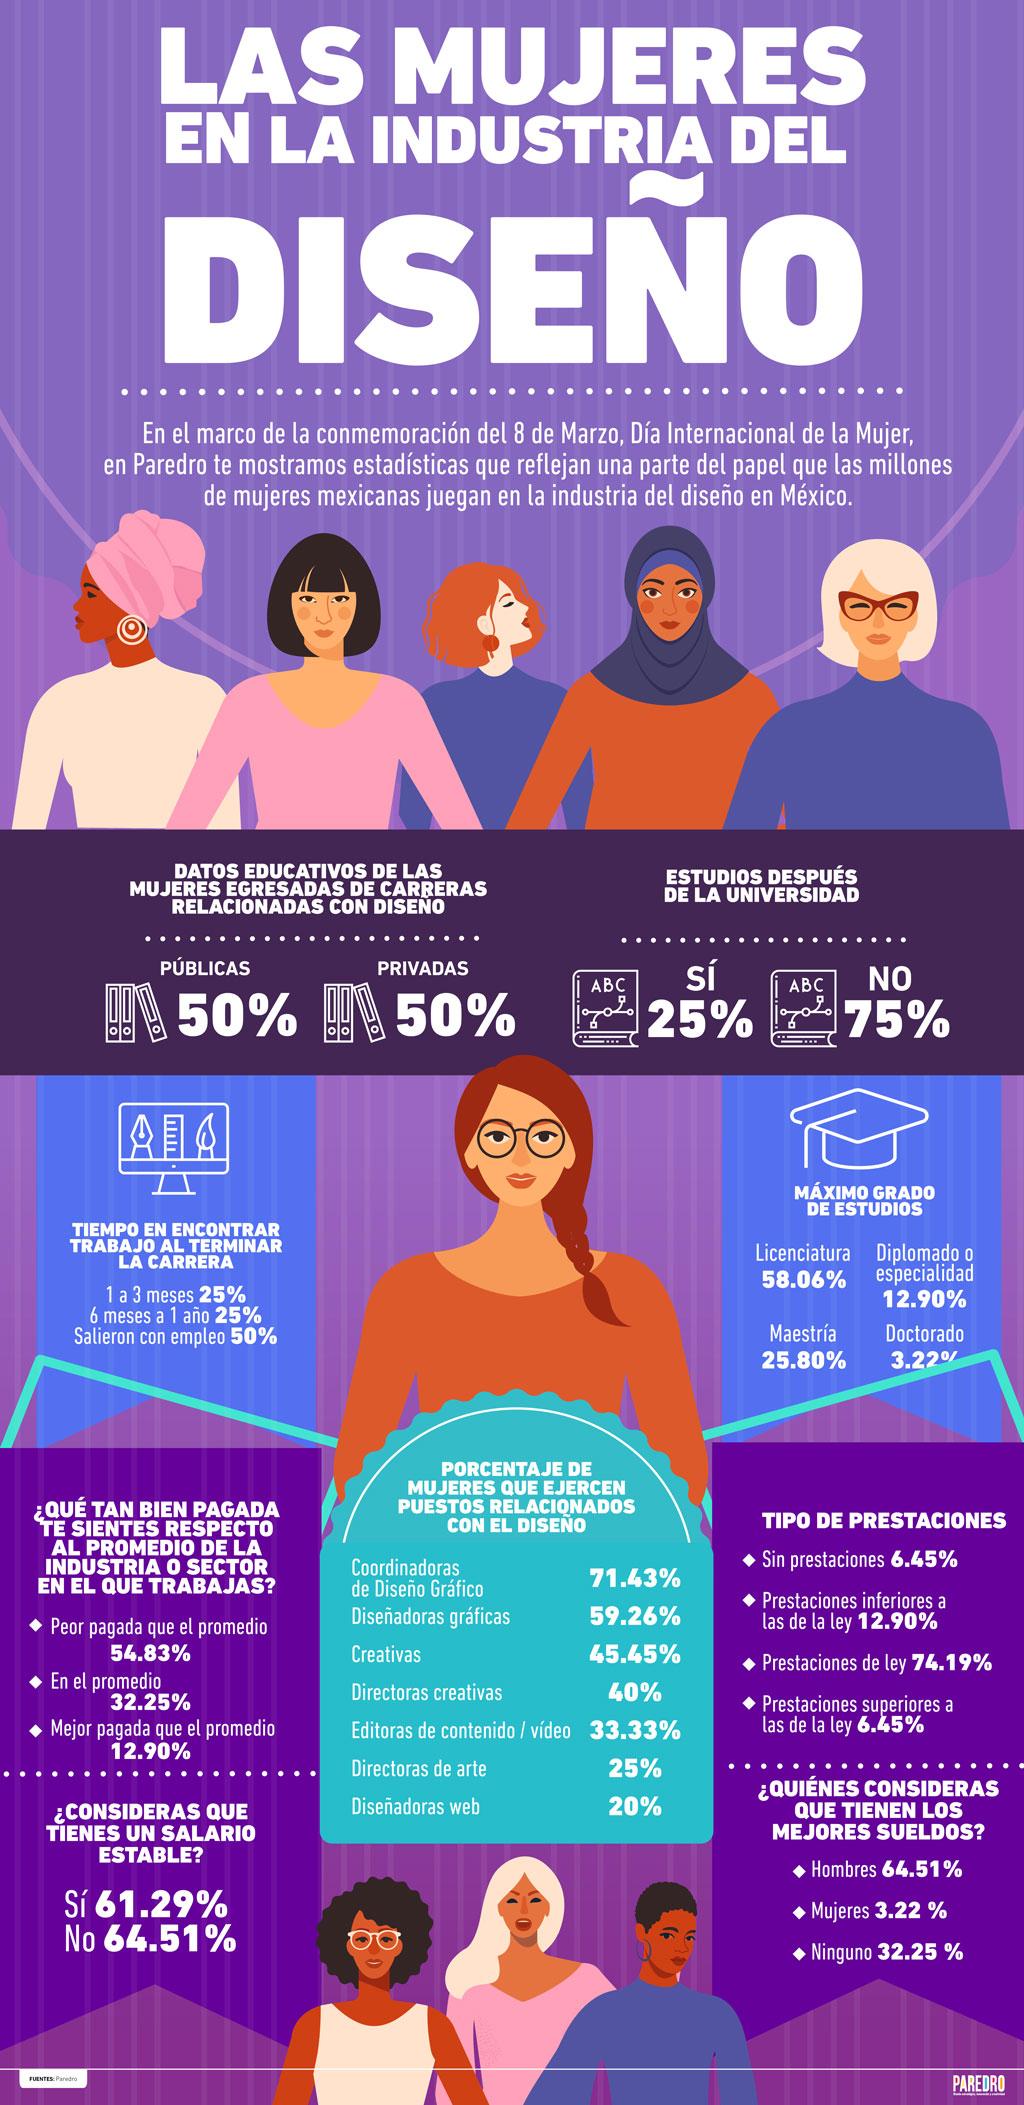 Mujeres en el diseño mexicano